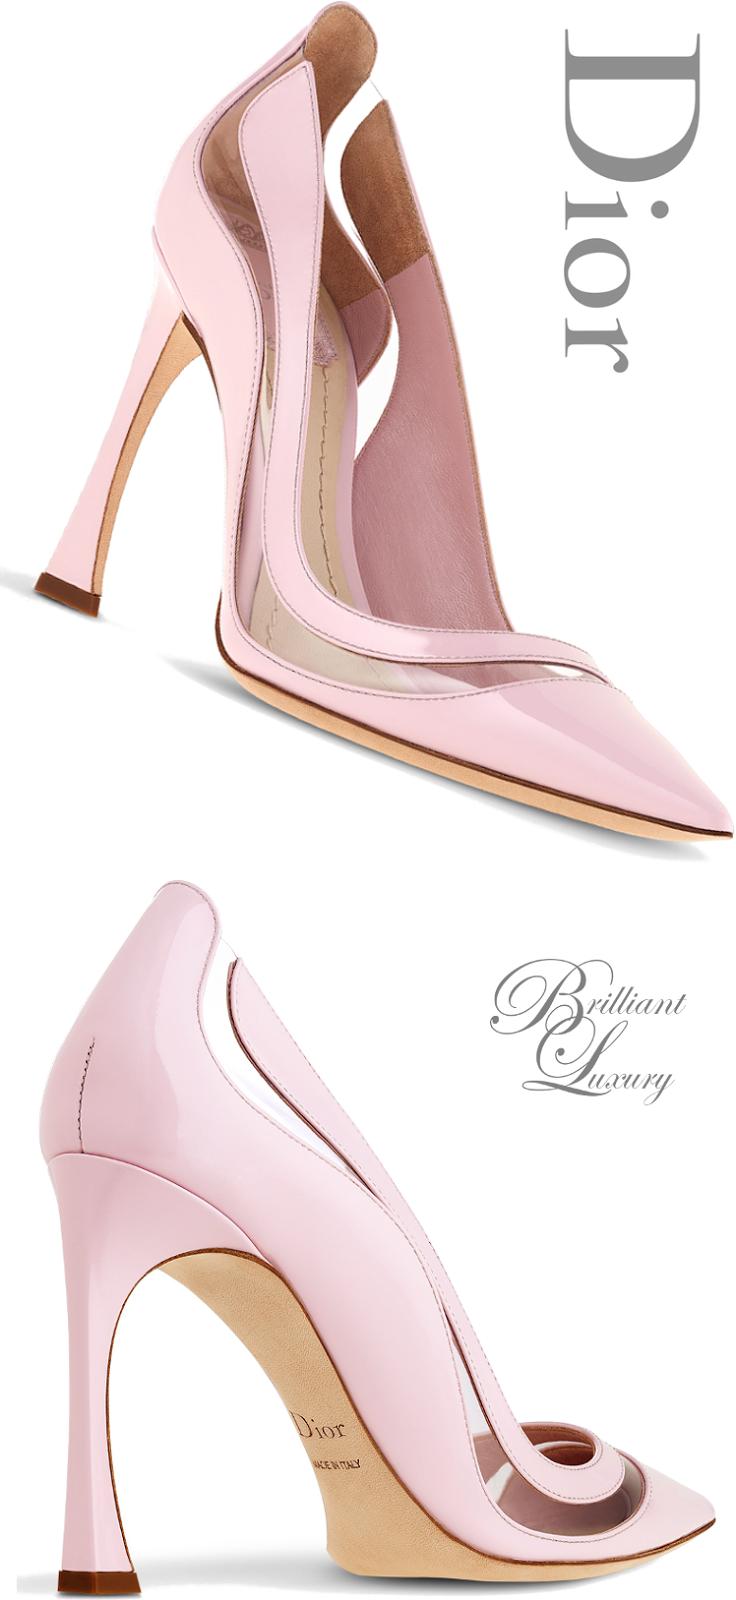 ad045ef46 Brilliant Luxury   Dior Pump Fall 2015-16